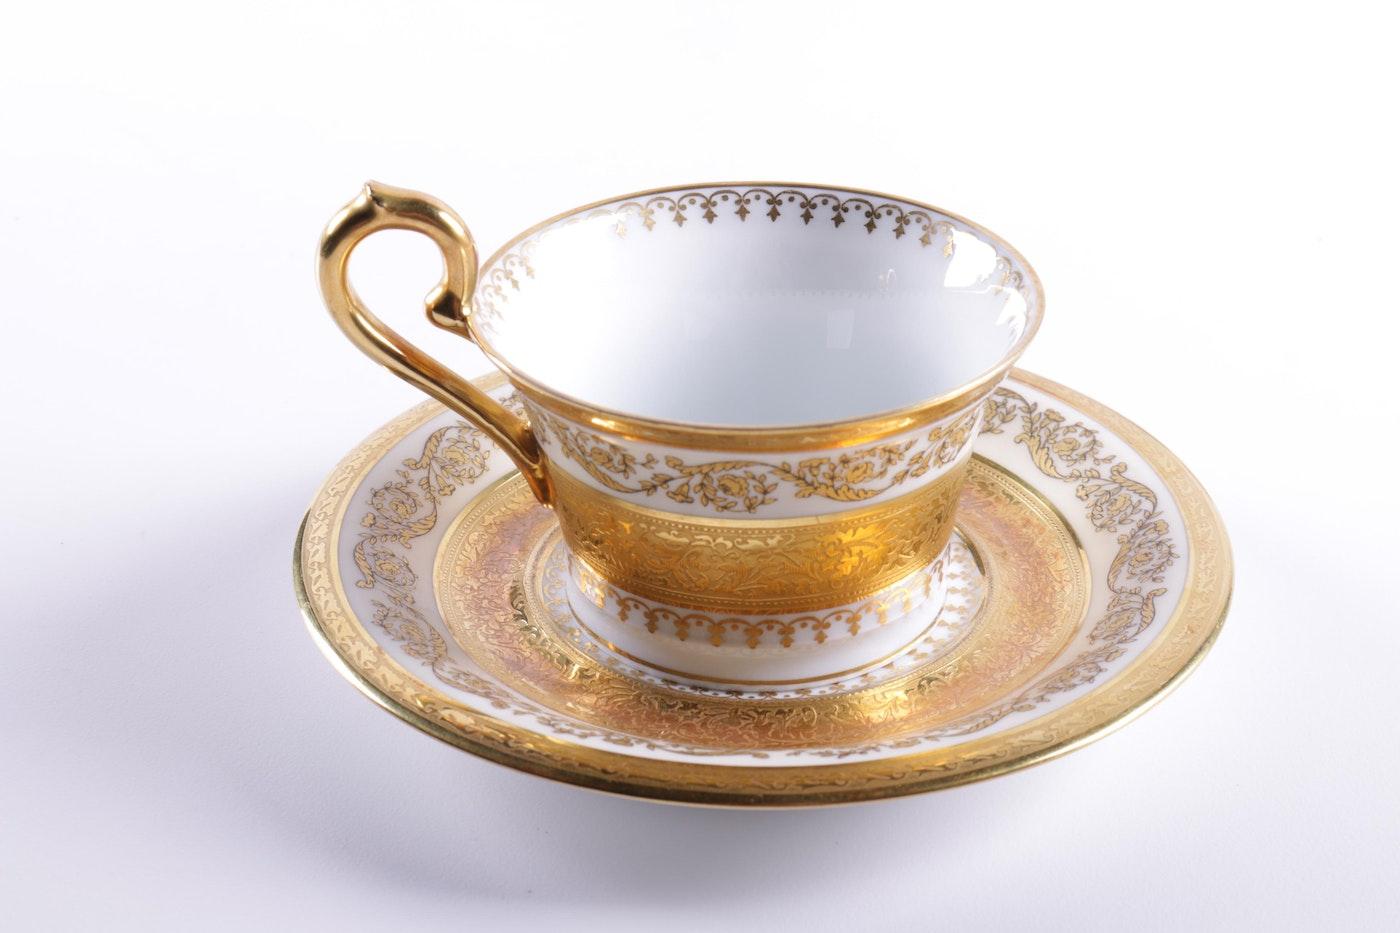 ceralene limoges imperiale porcelain china set ebth. Black Bedroom Furniture Sets. Home Design Ideas